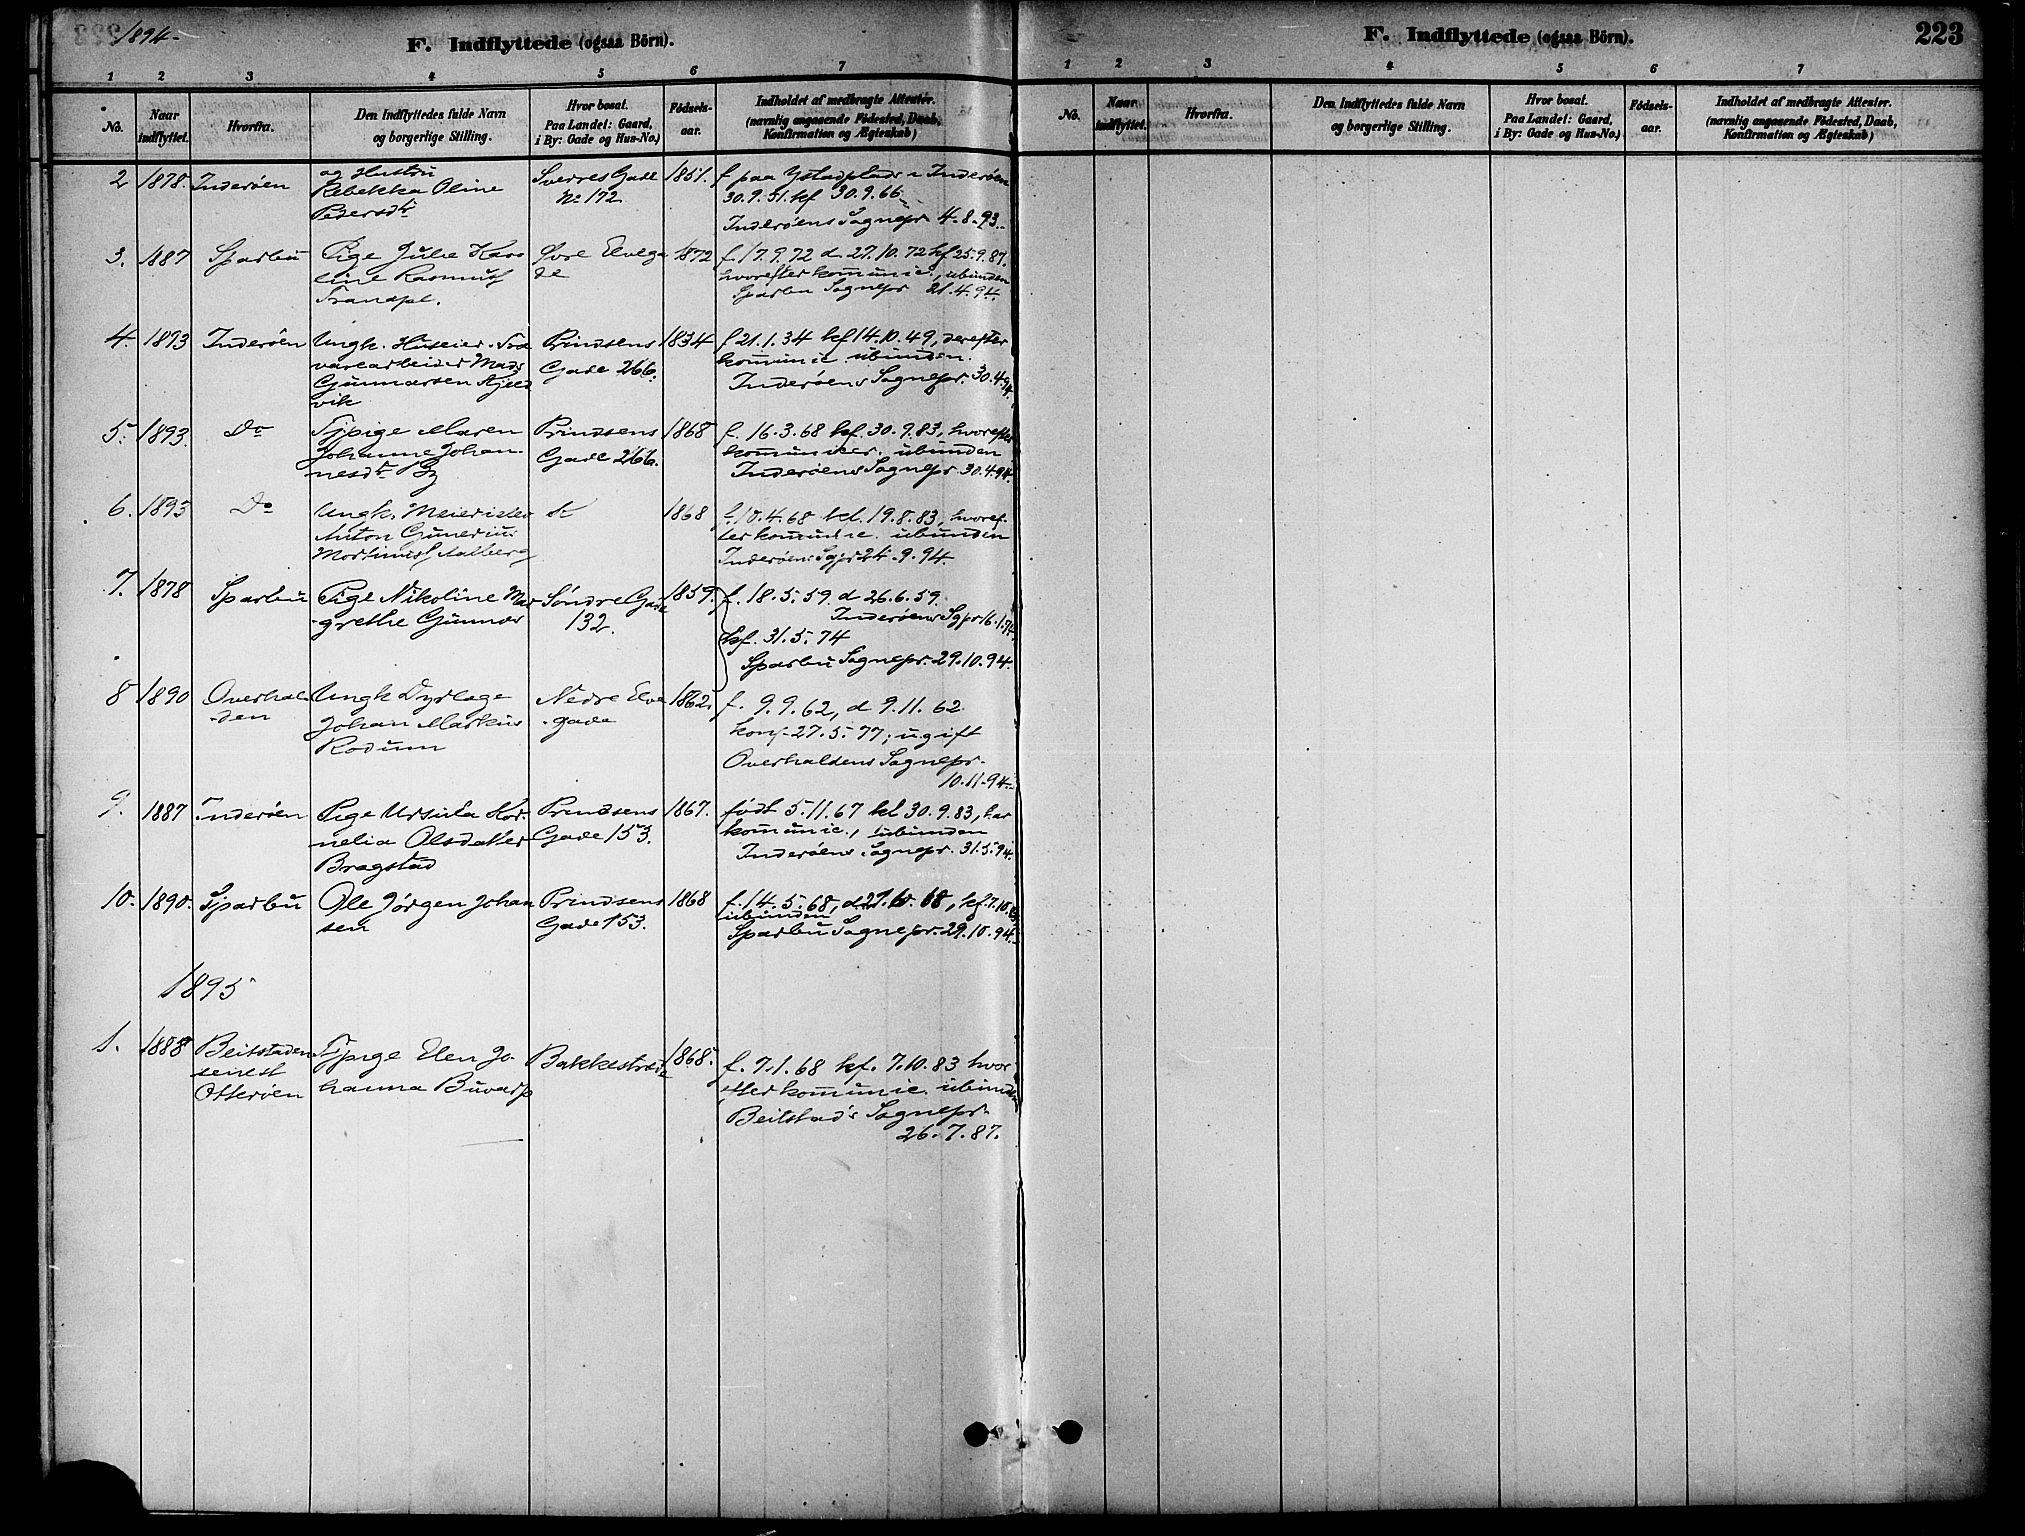 SAT, Ministerialprotokoller, klokkerbøker og fødselsregistre - Nord-Trøndelag, 739/L0371: Ministerialbok nr. 739A03, 1881-1895, s. 223